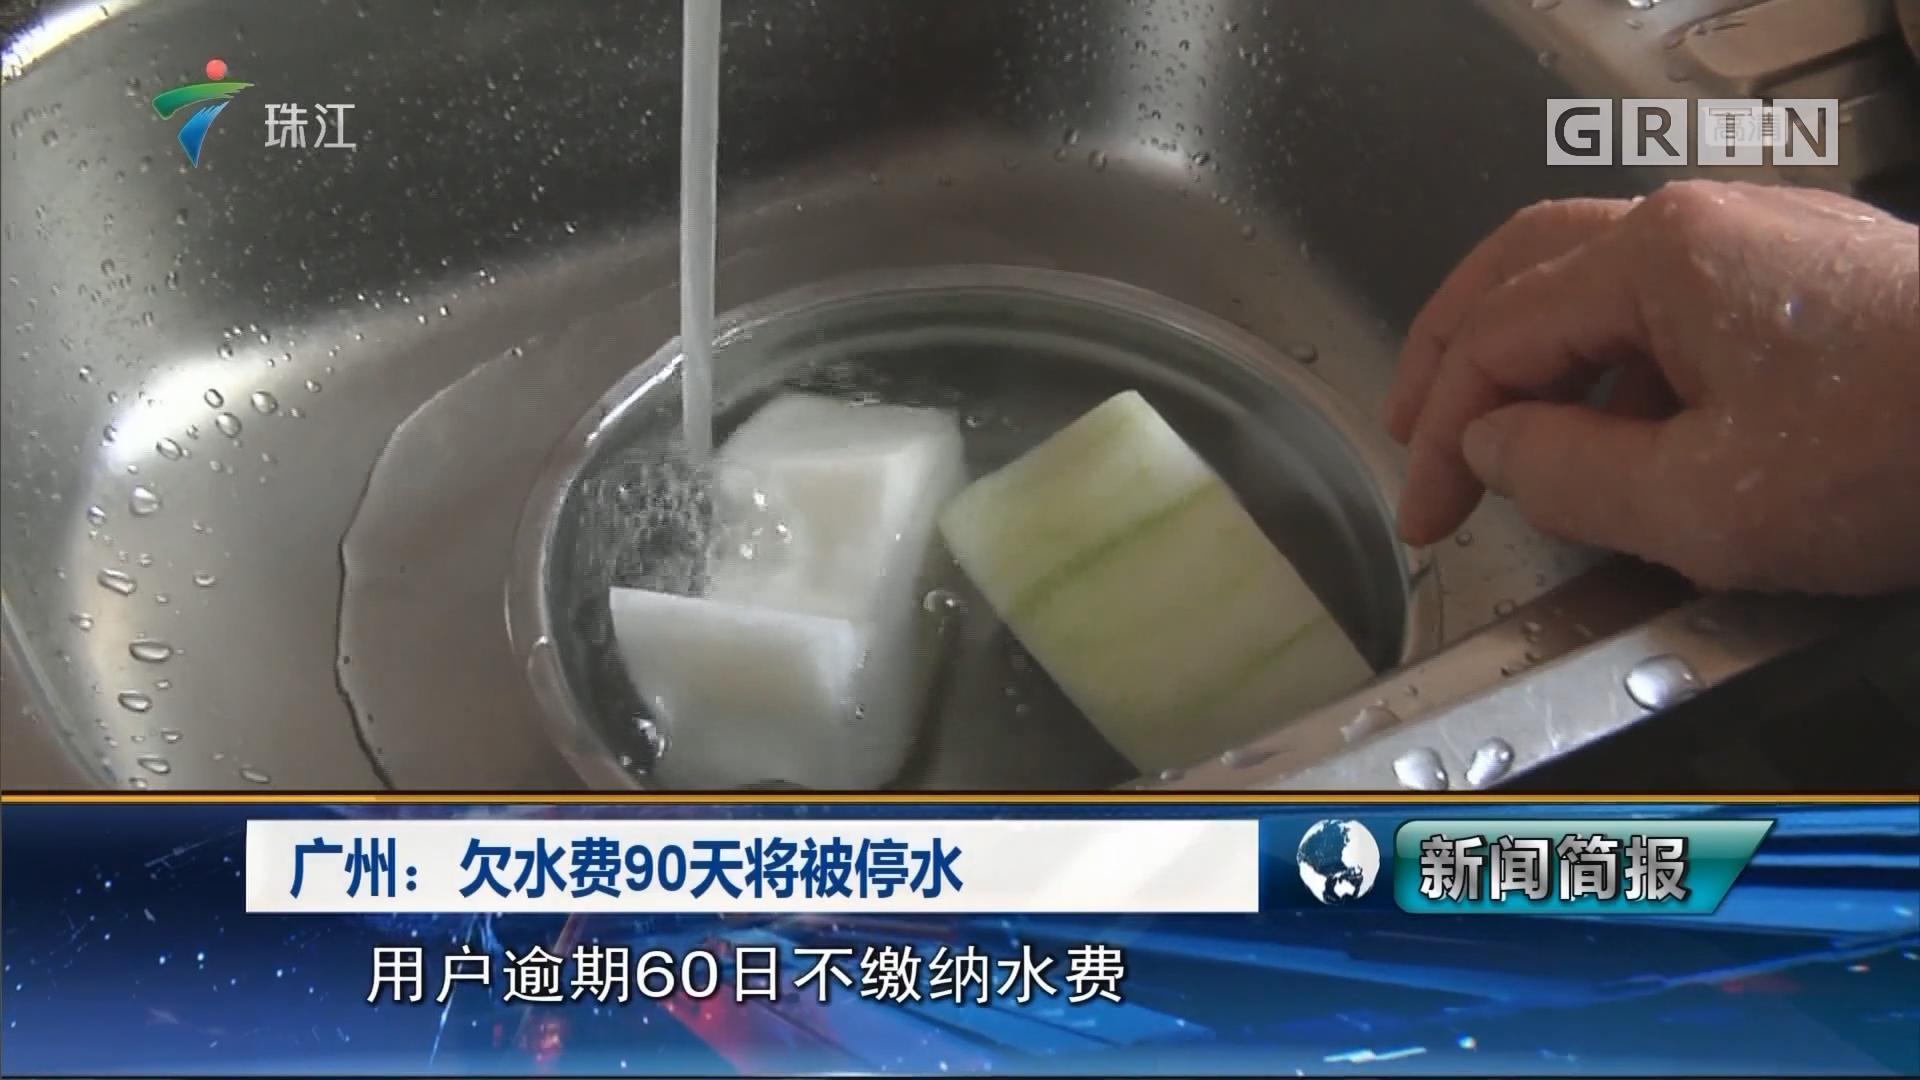 广州:欠水费90天将被停水